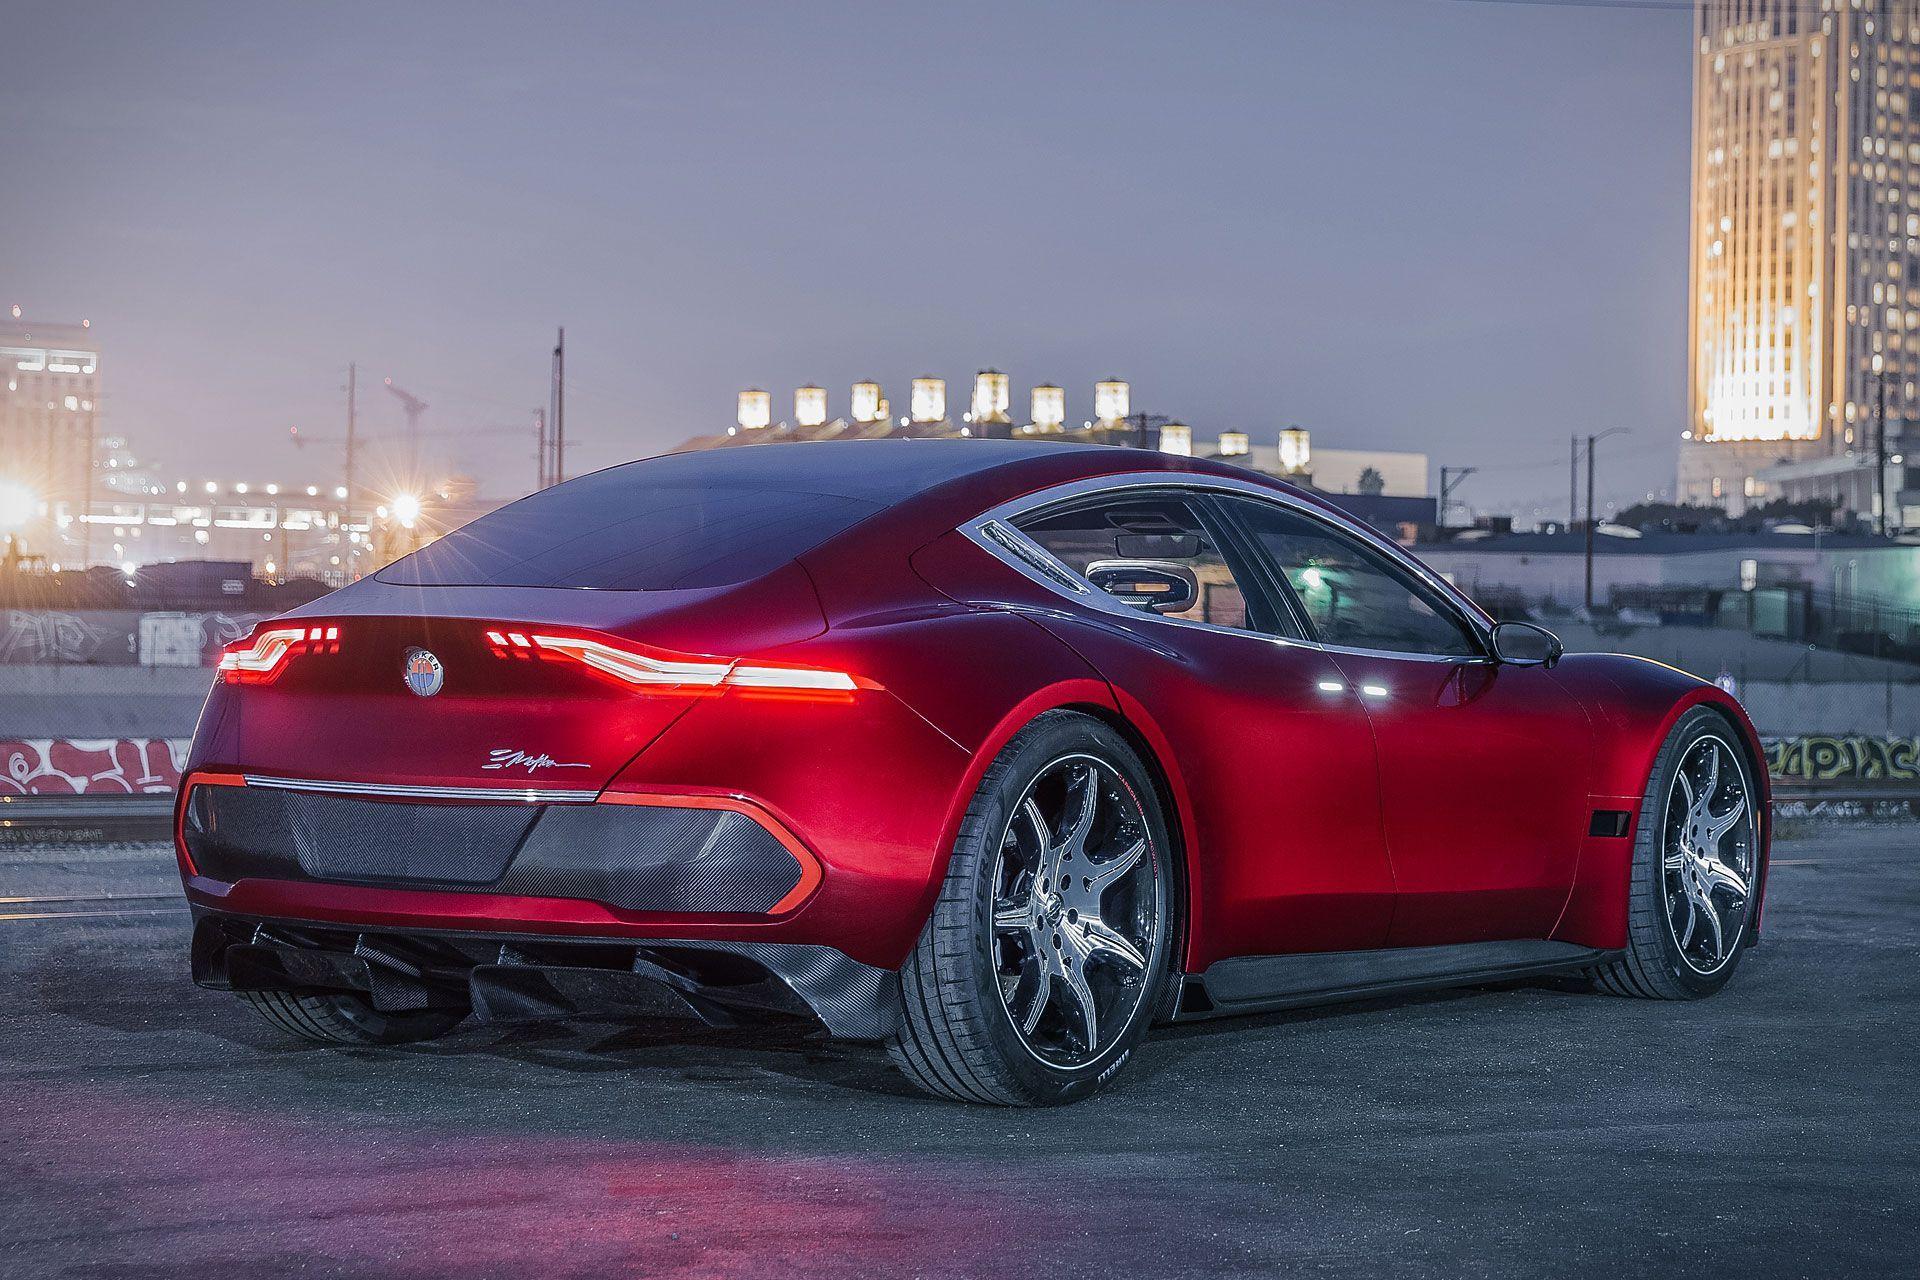 Fisker Emotion Sedan Electric Sports Car Electric Cars Hybrid Car